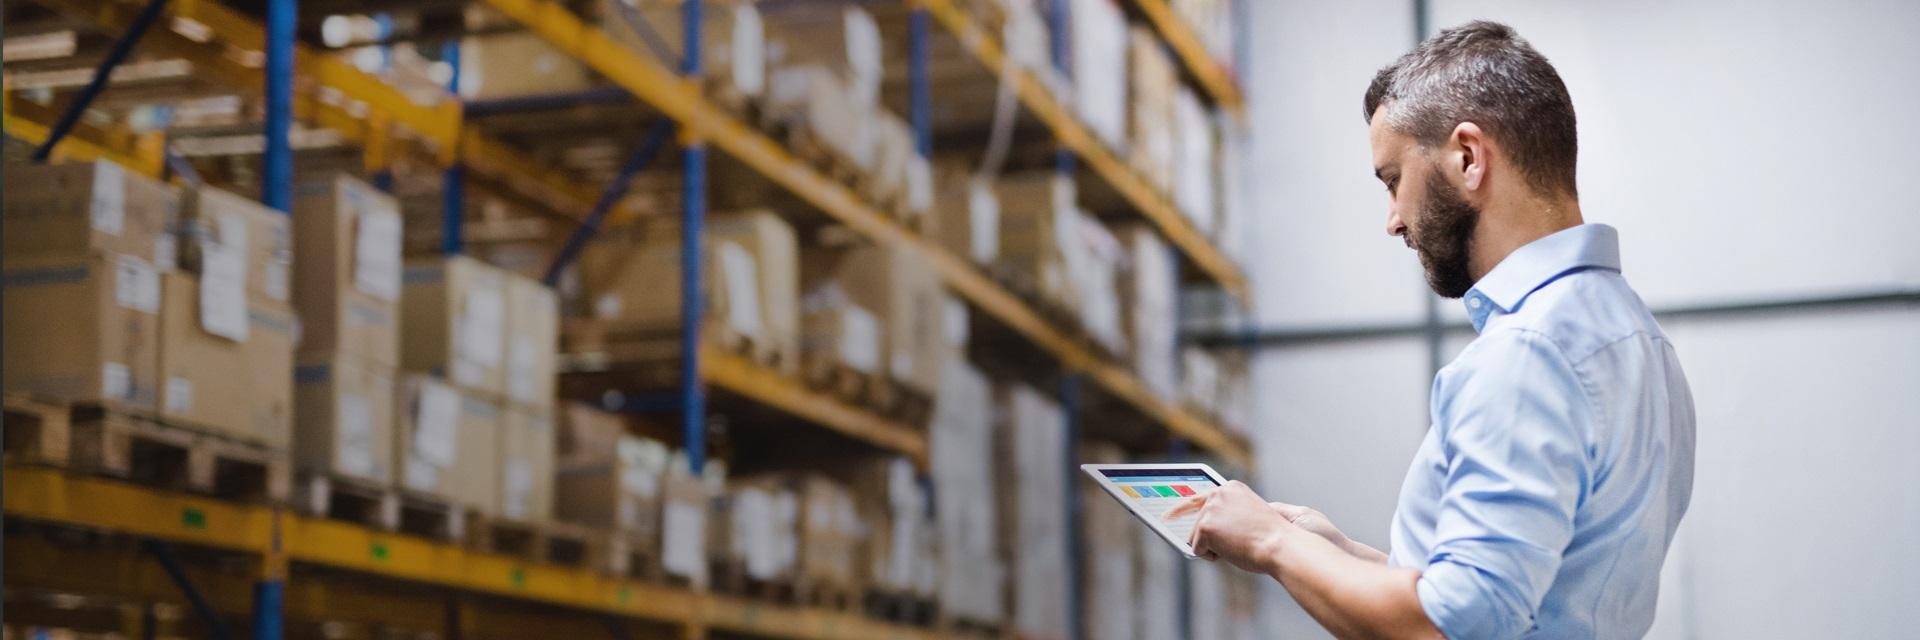 eOrder løsning håndtere innkommende ordre fra kunder. Order to cash